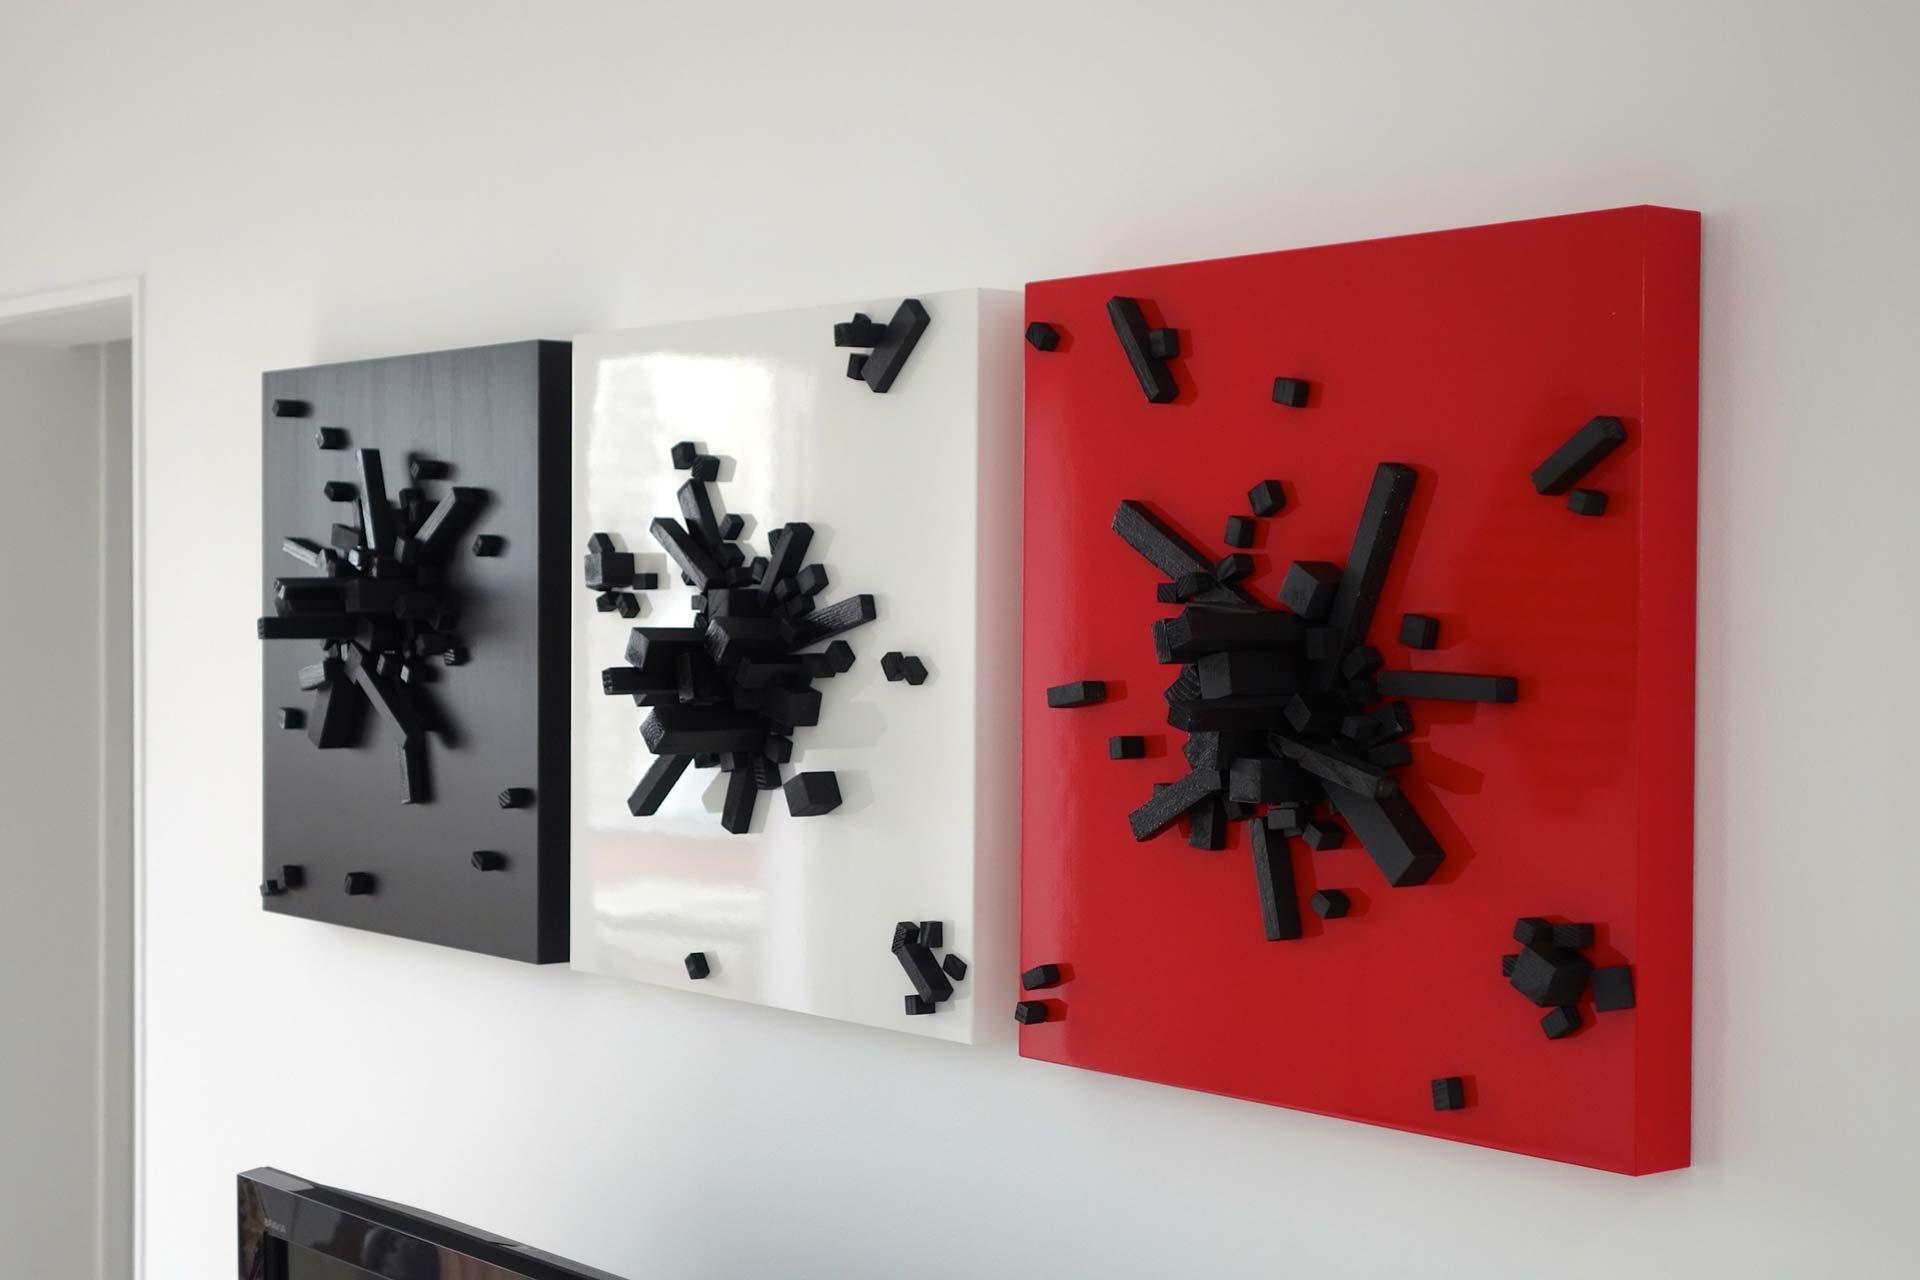 Black on Red, White, Black